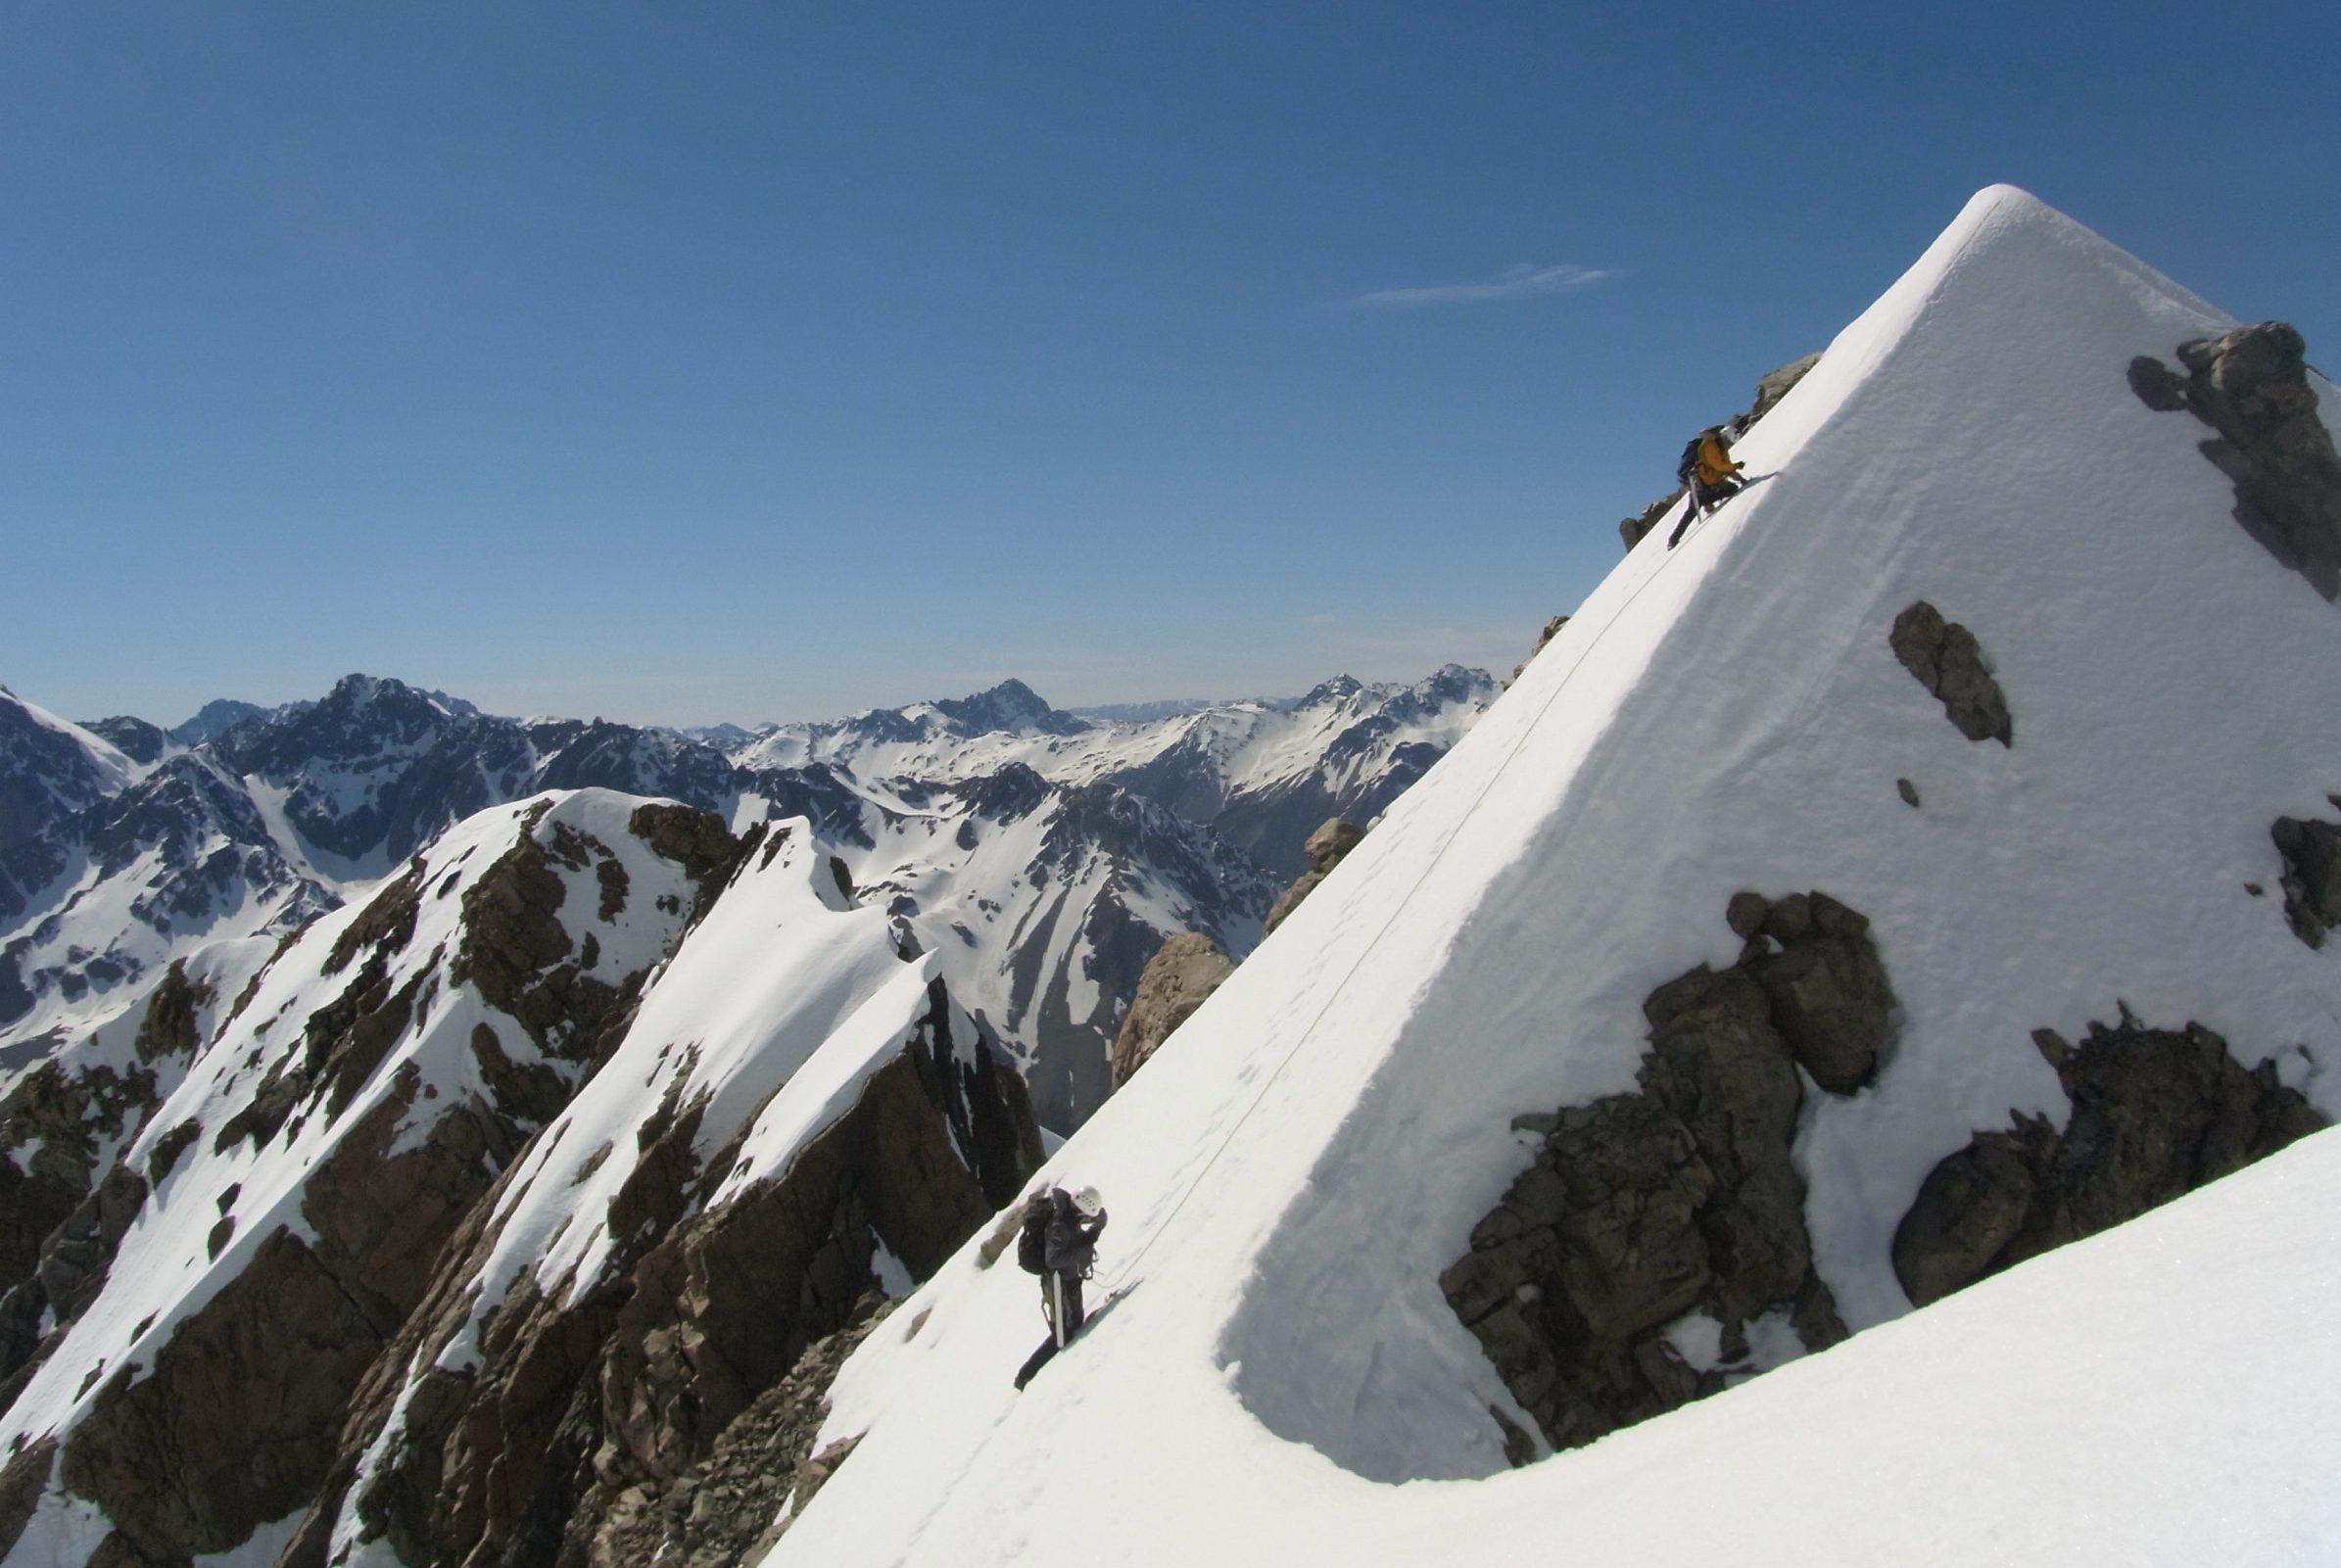 Ascents